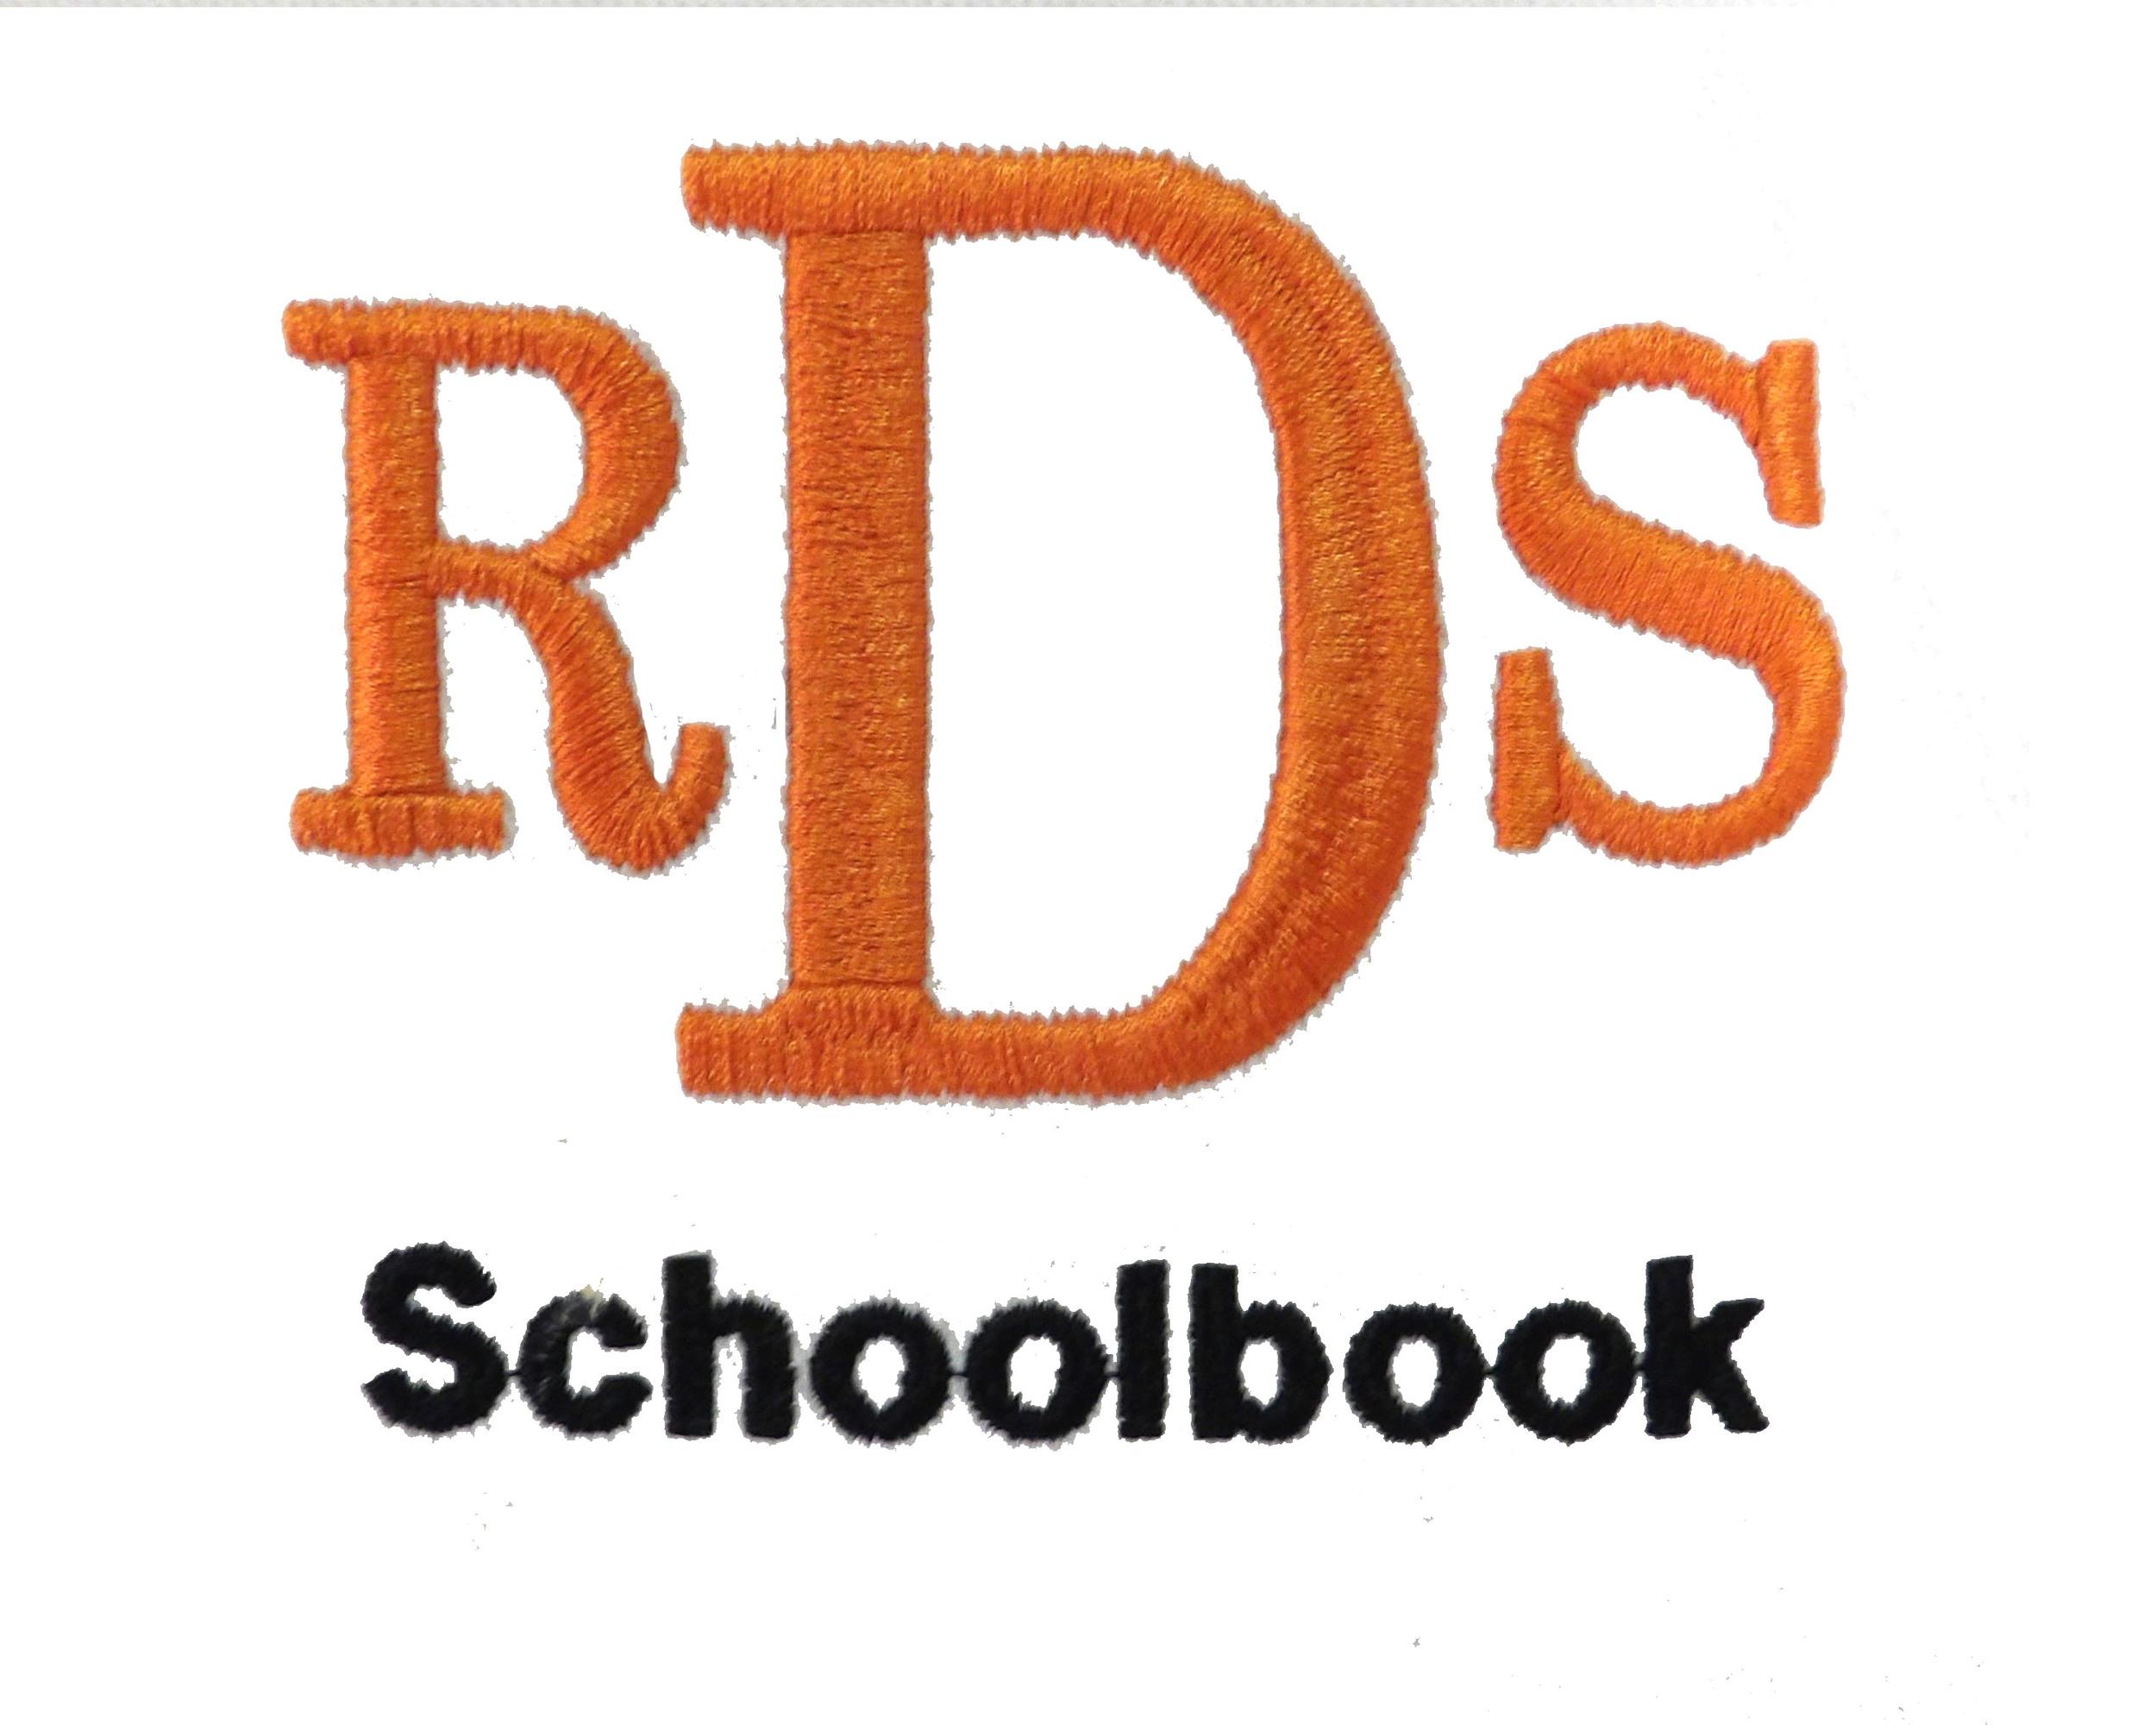 Schoolbook 2.jpg